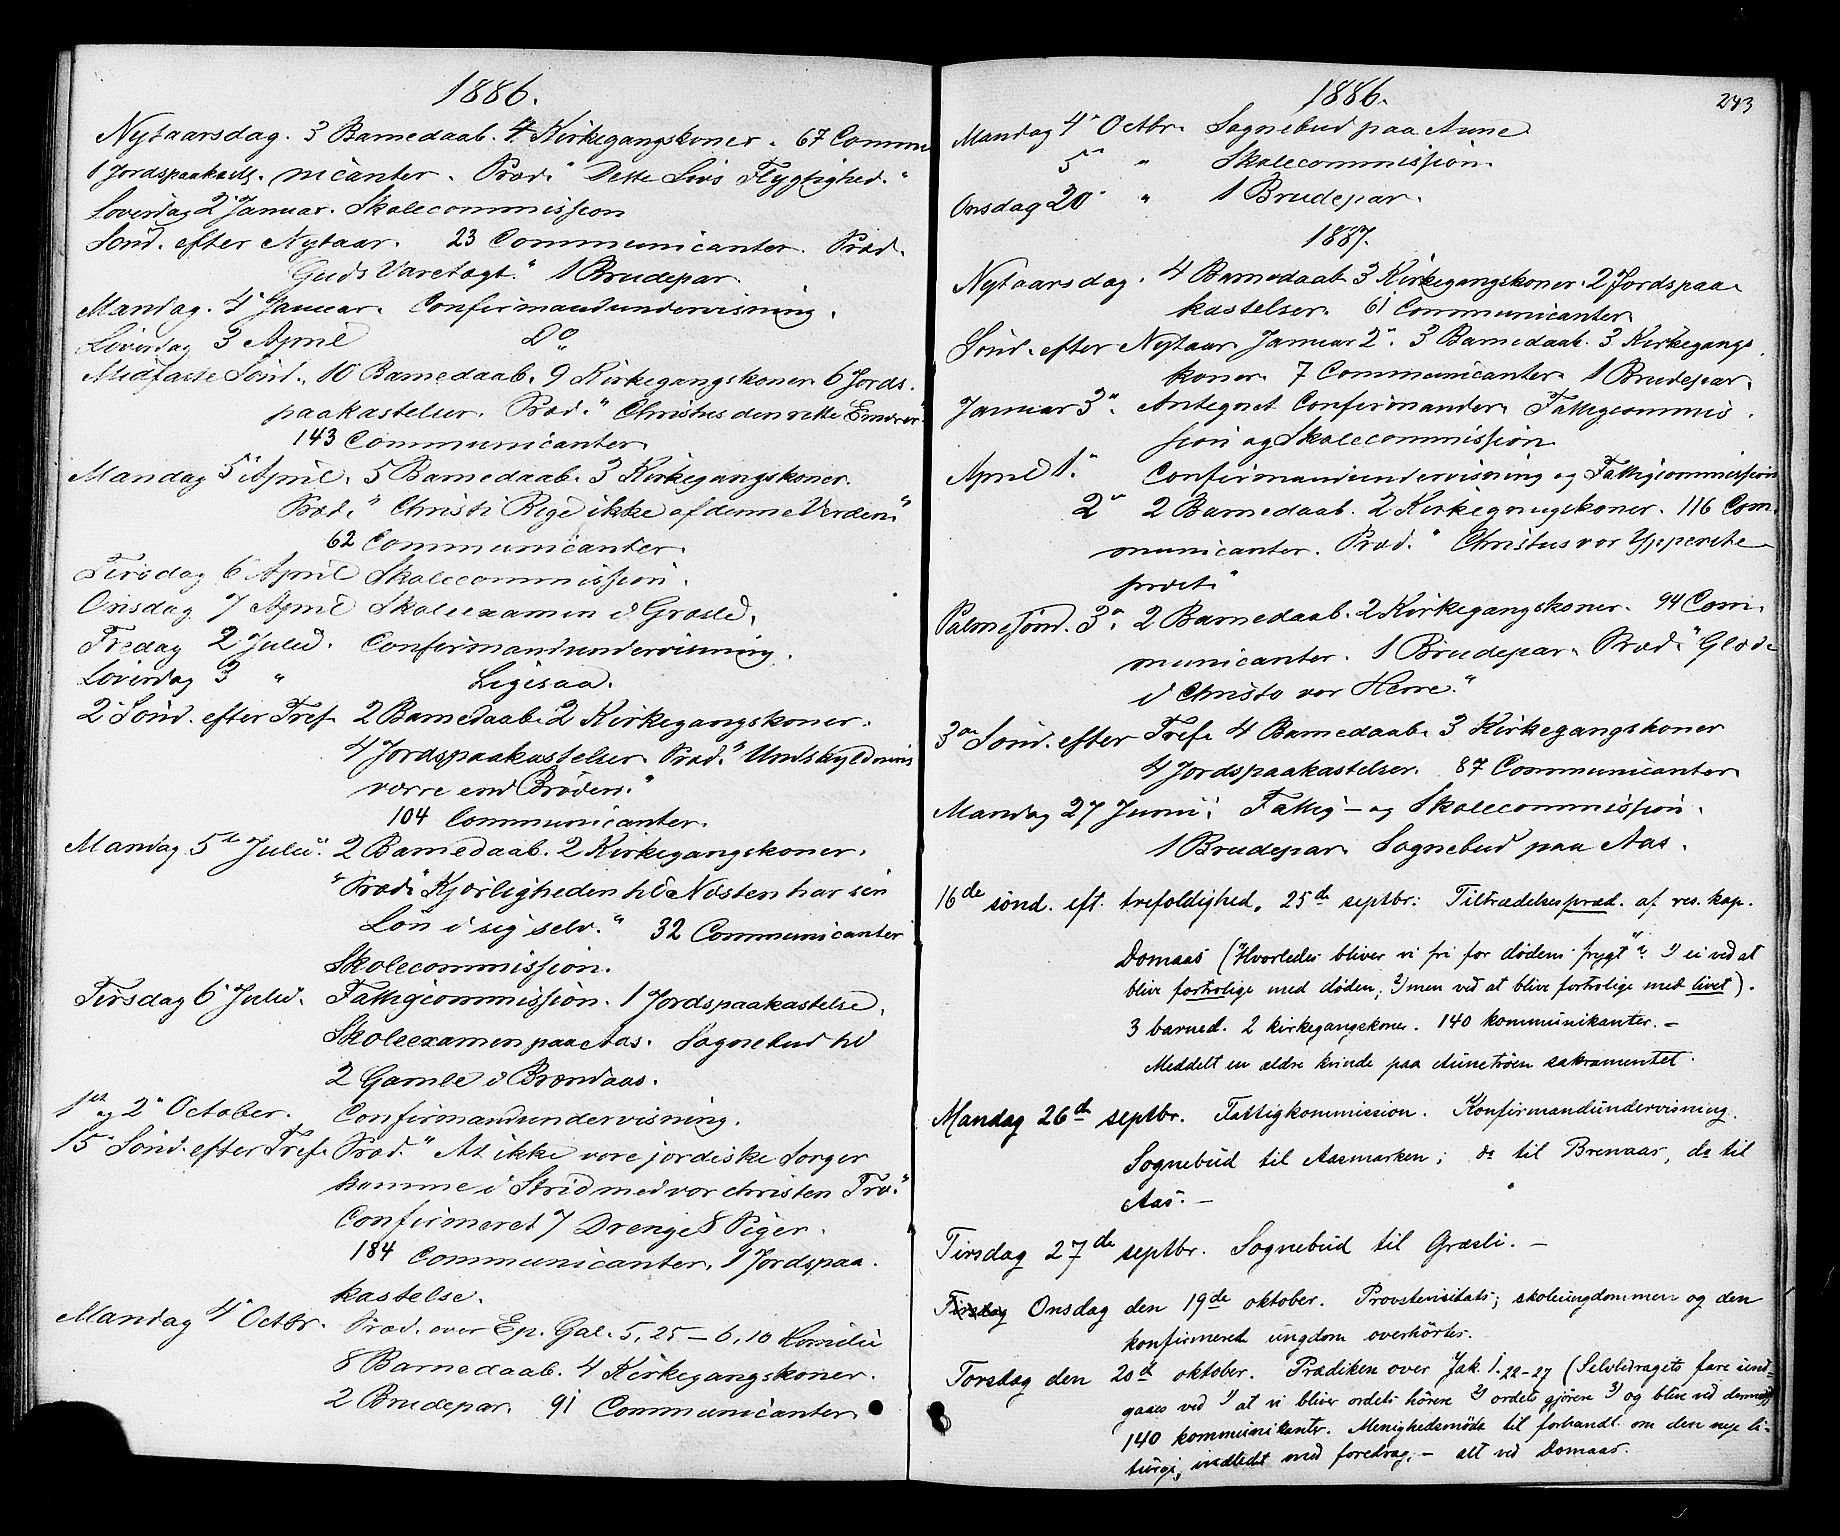 SAT, Ministerialprotokoller, klokkerbøker og fødselsregistre - Sør-Trøndelag, 698/L1163: Ministerialbok nr. 698A01, 1862-1887, s. 243